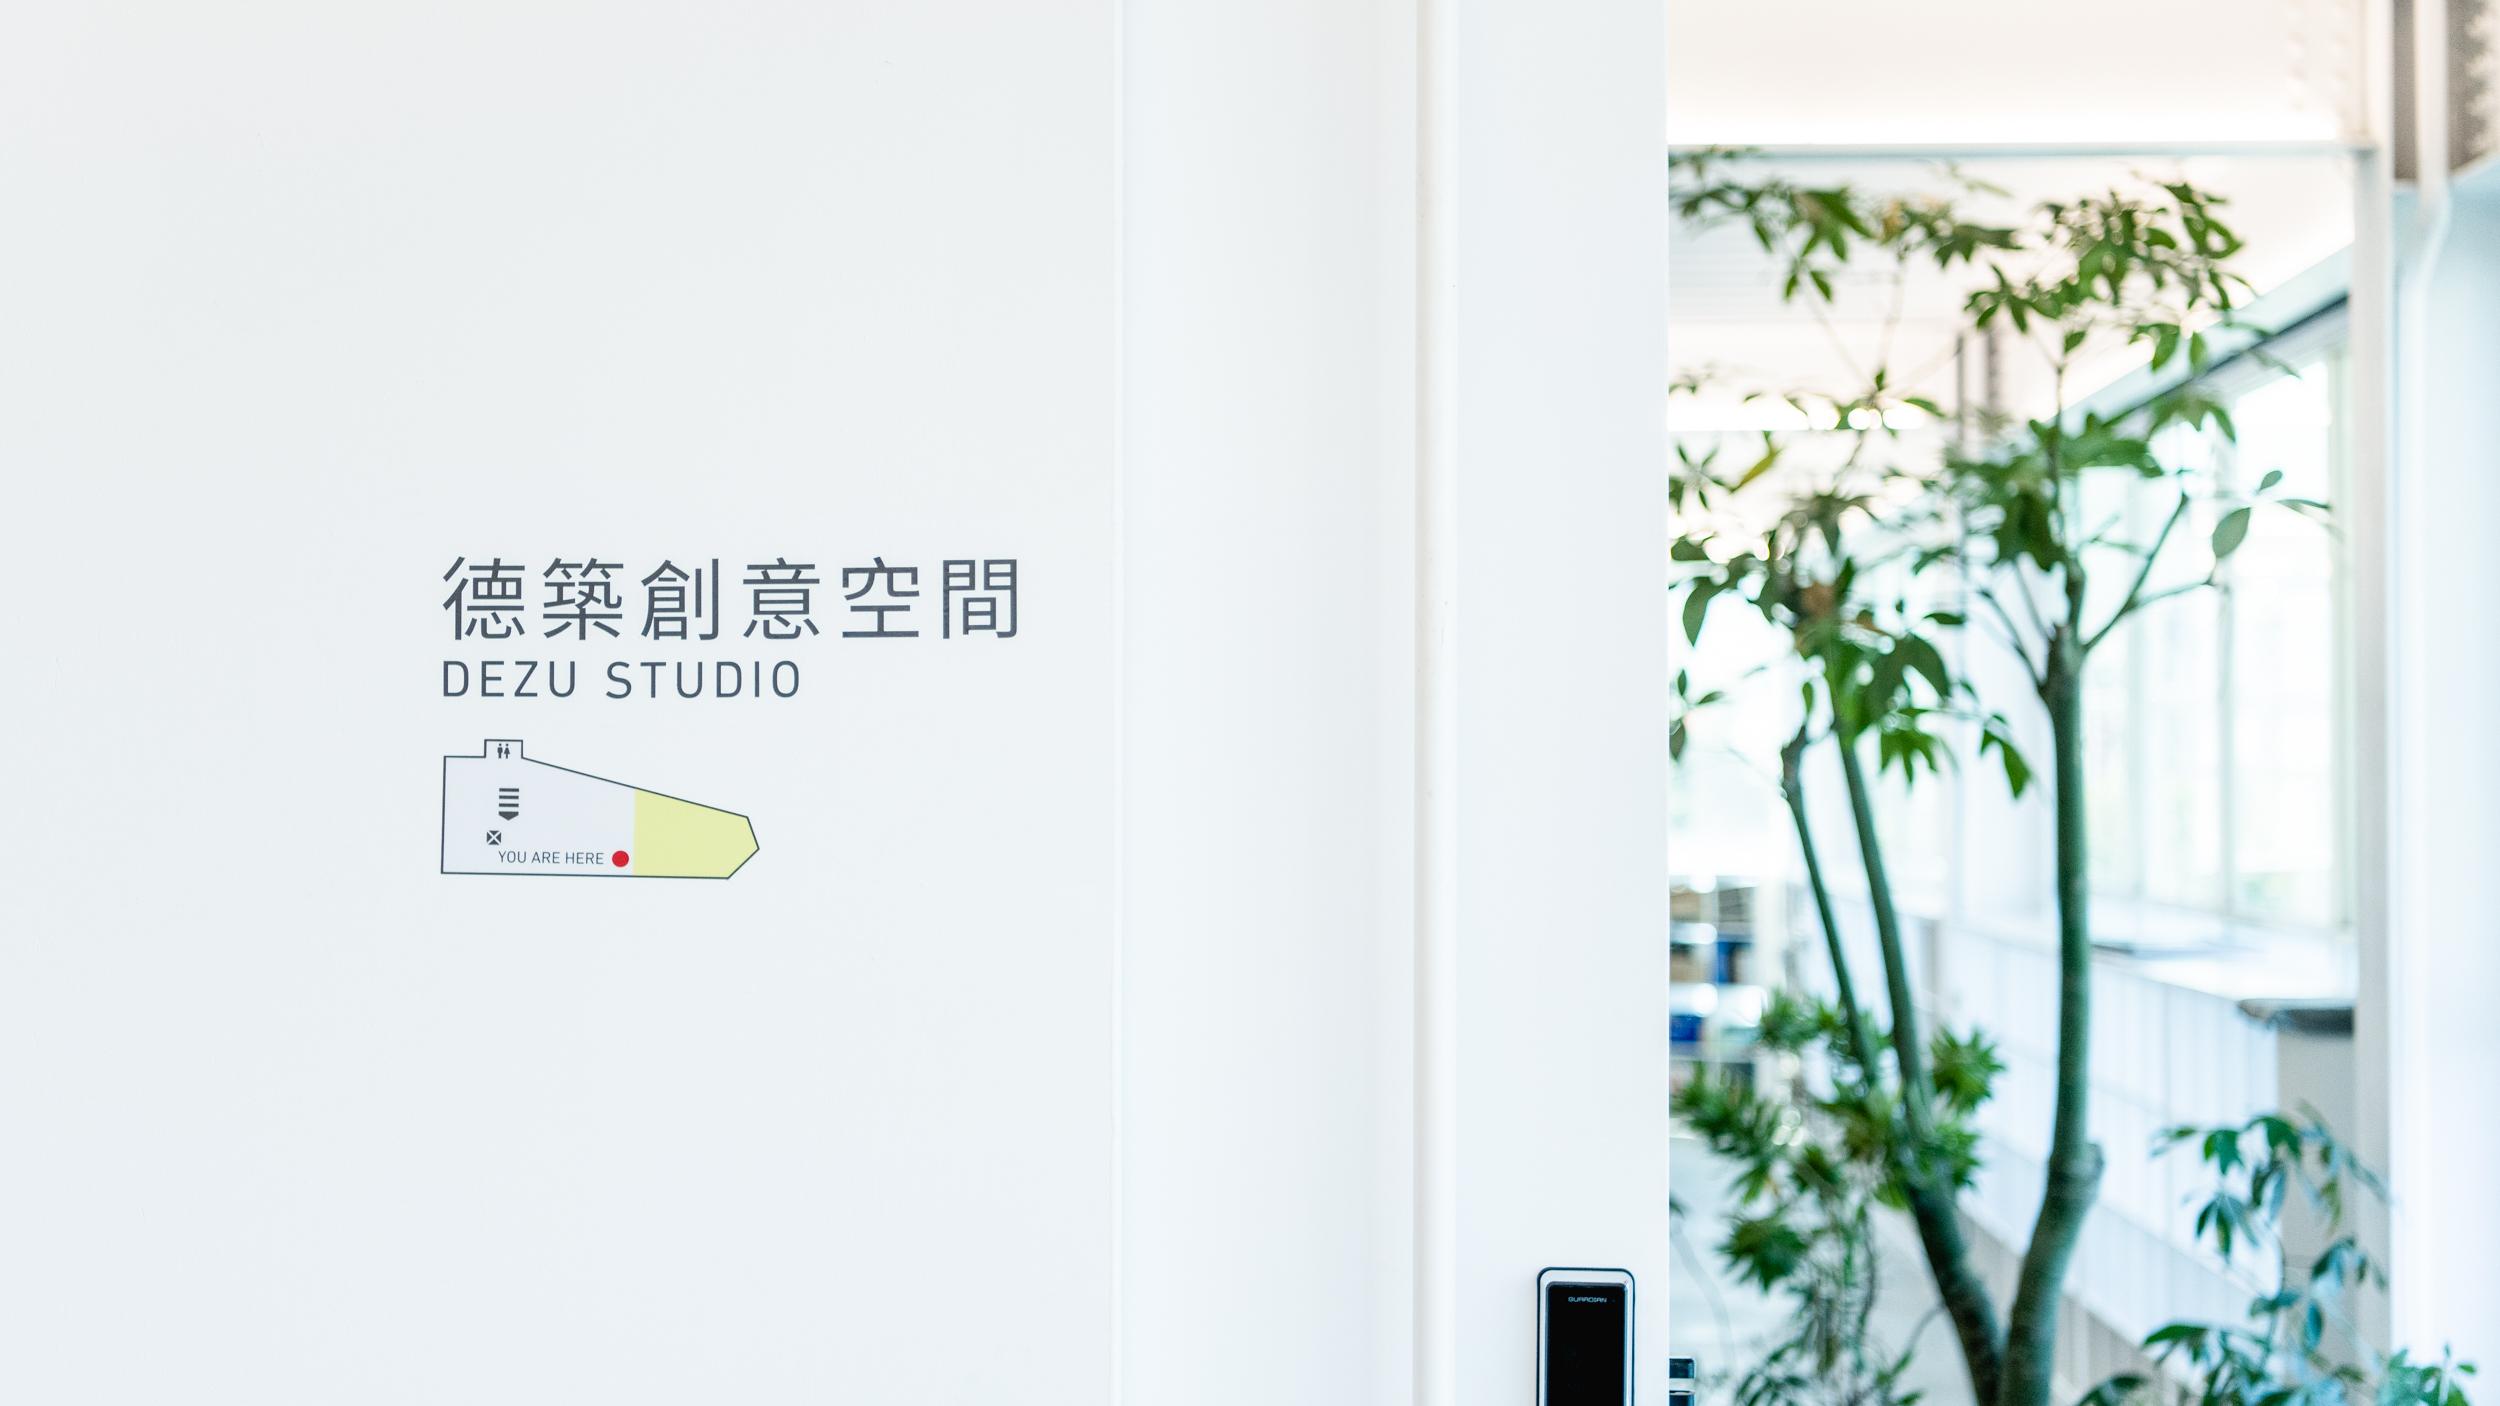 德築-DEZU-project-德築建築工場-architecture-interior-studio